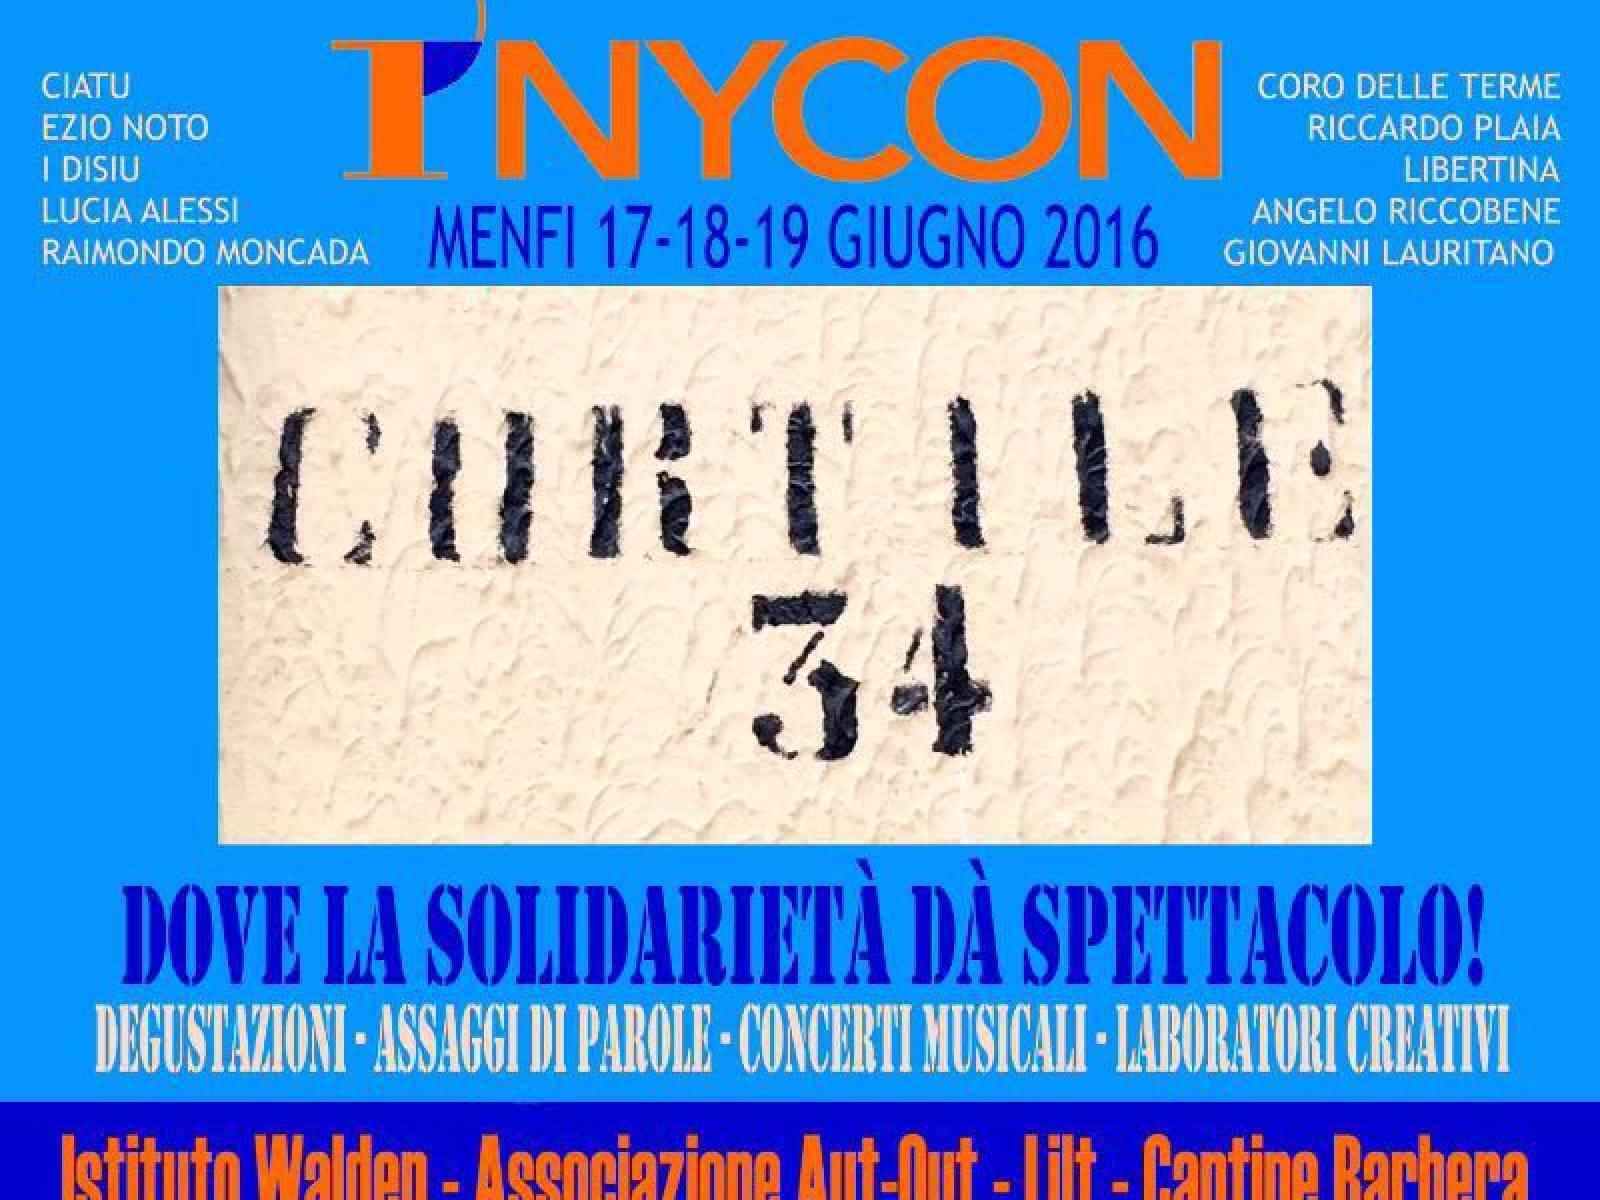 Il presidente della Fondazione Italiana per l'Autismo stasera a Menfi per Inycon